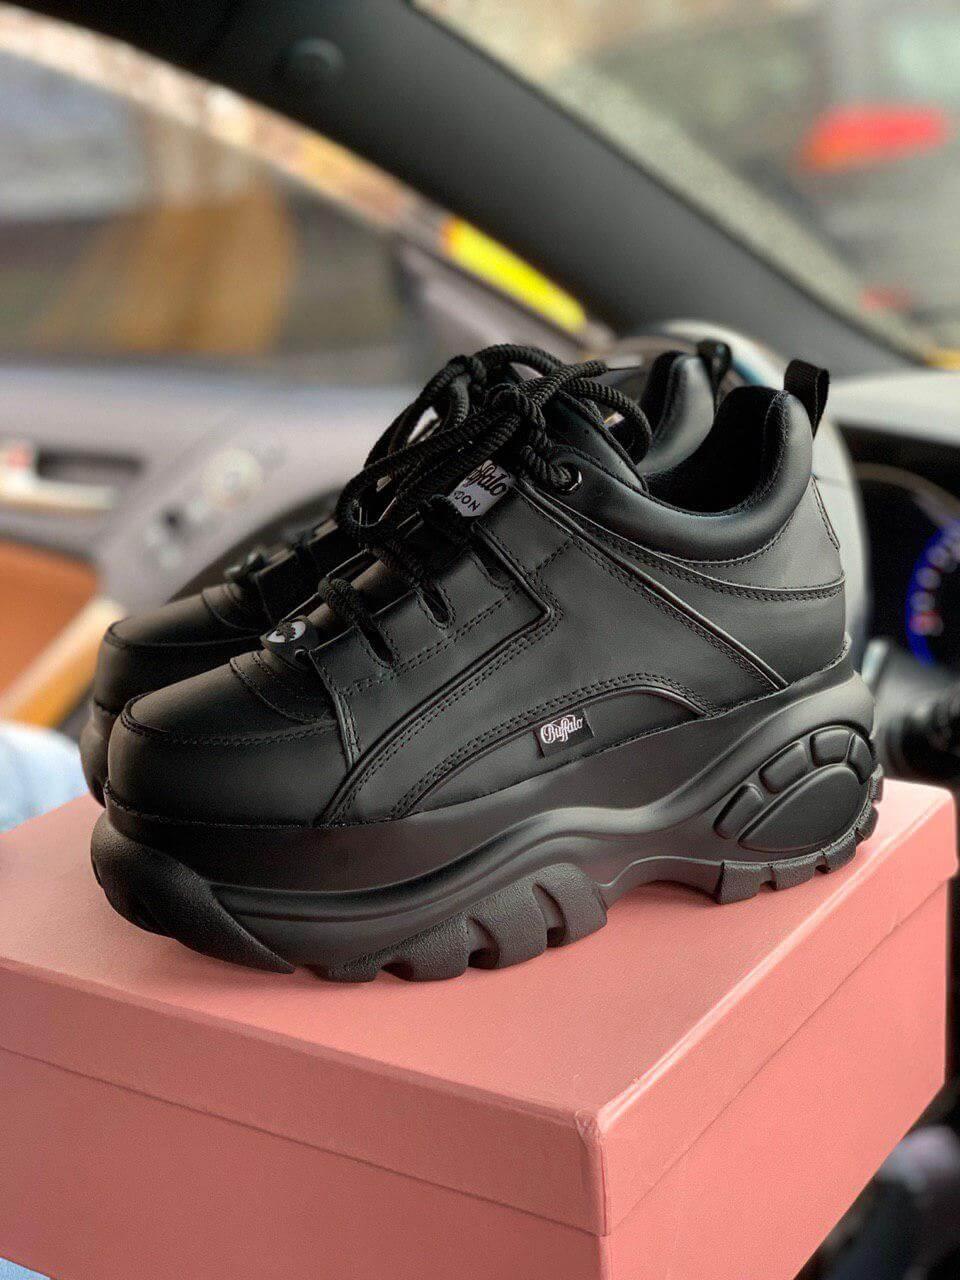 d7193d372 Женские кожаные кроссовки на платформе Buffalo London в черном цвете